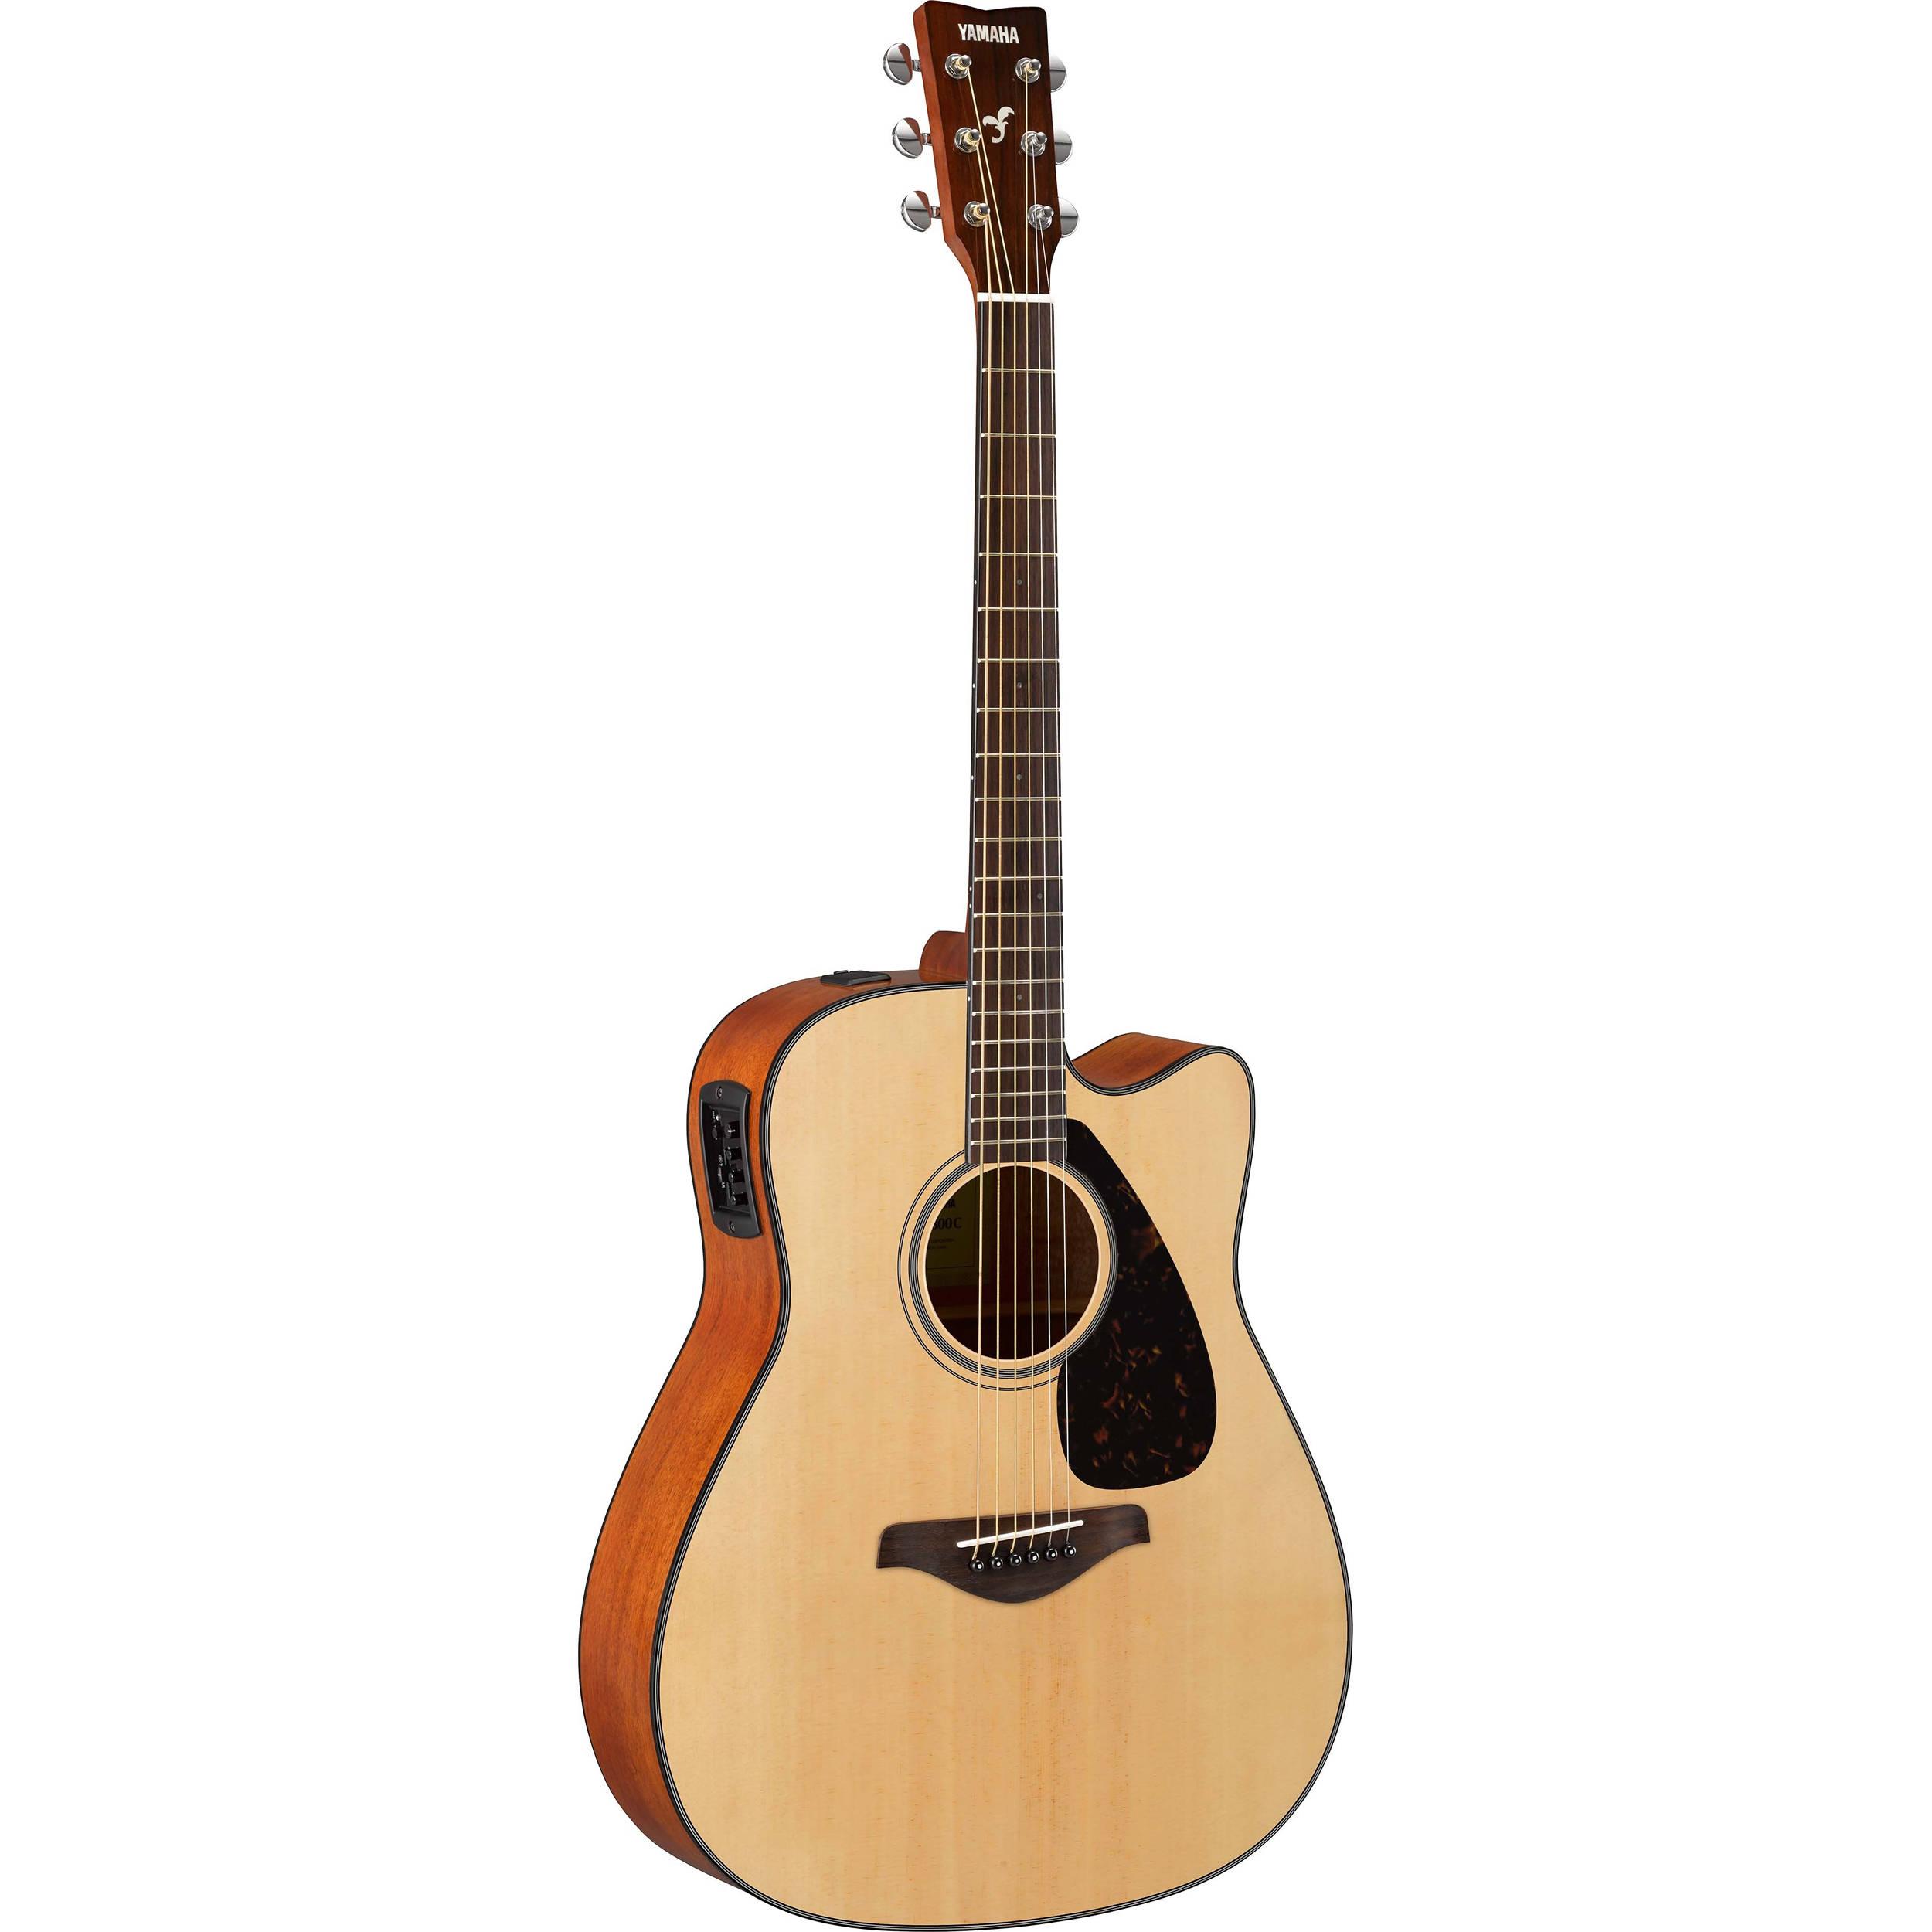 Dating yamaha acoustic guitars Kodiak alaska datiert